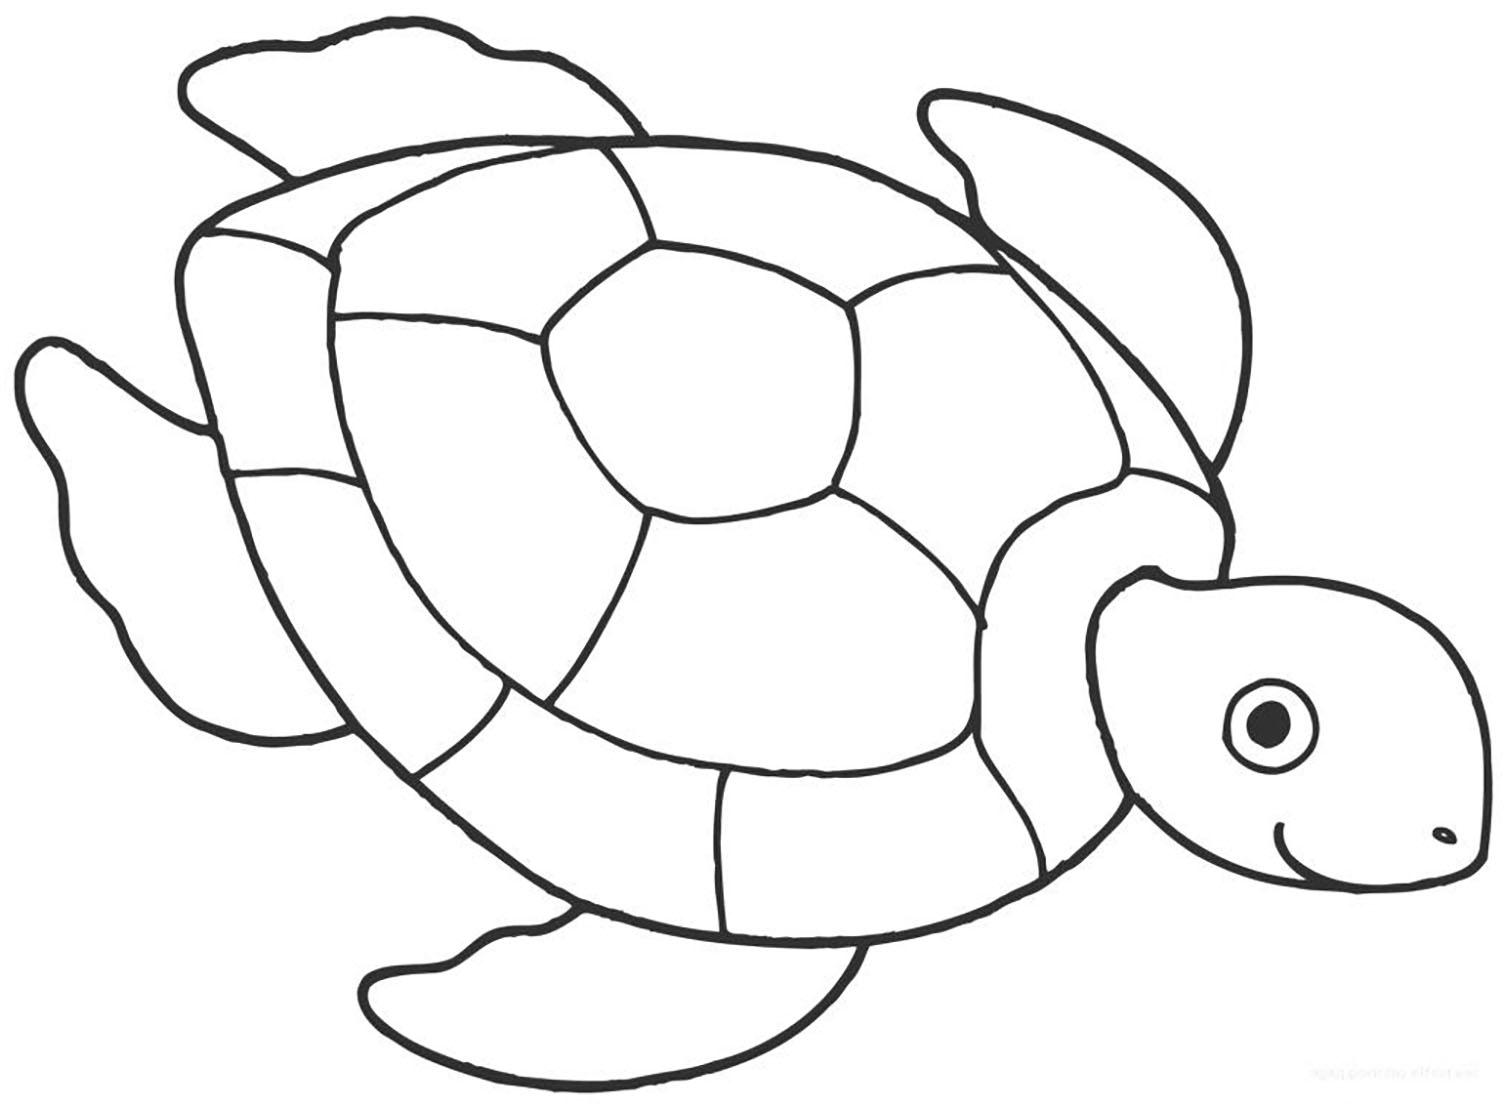 Tranh cho bé tô màu con rùa 3